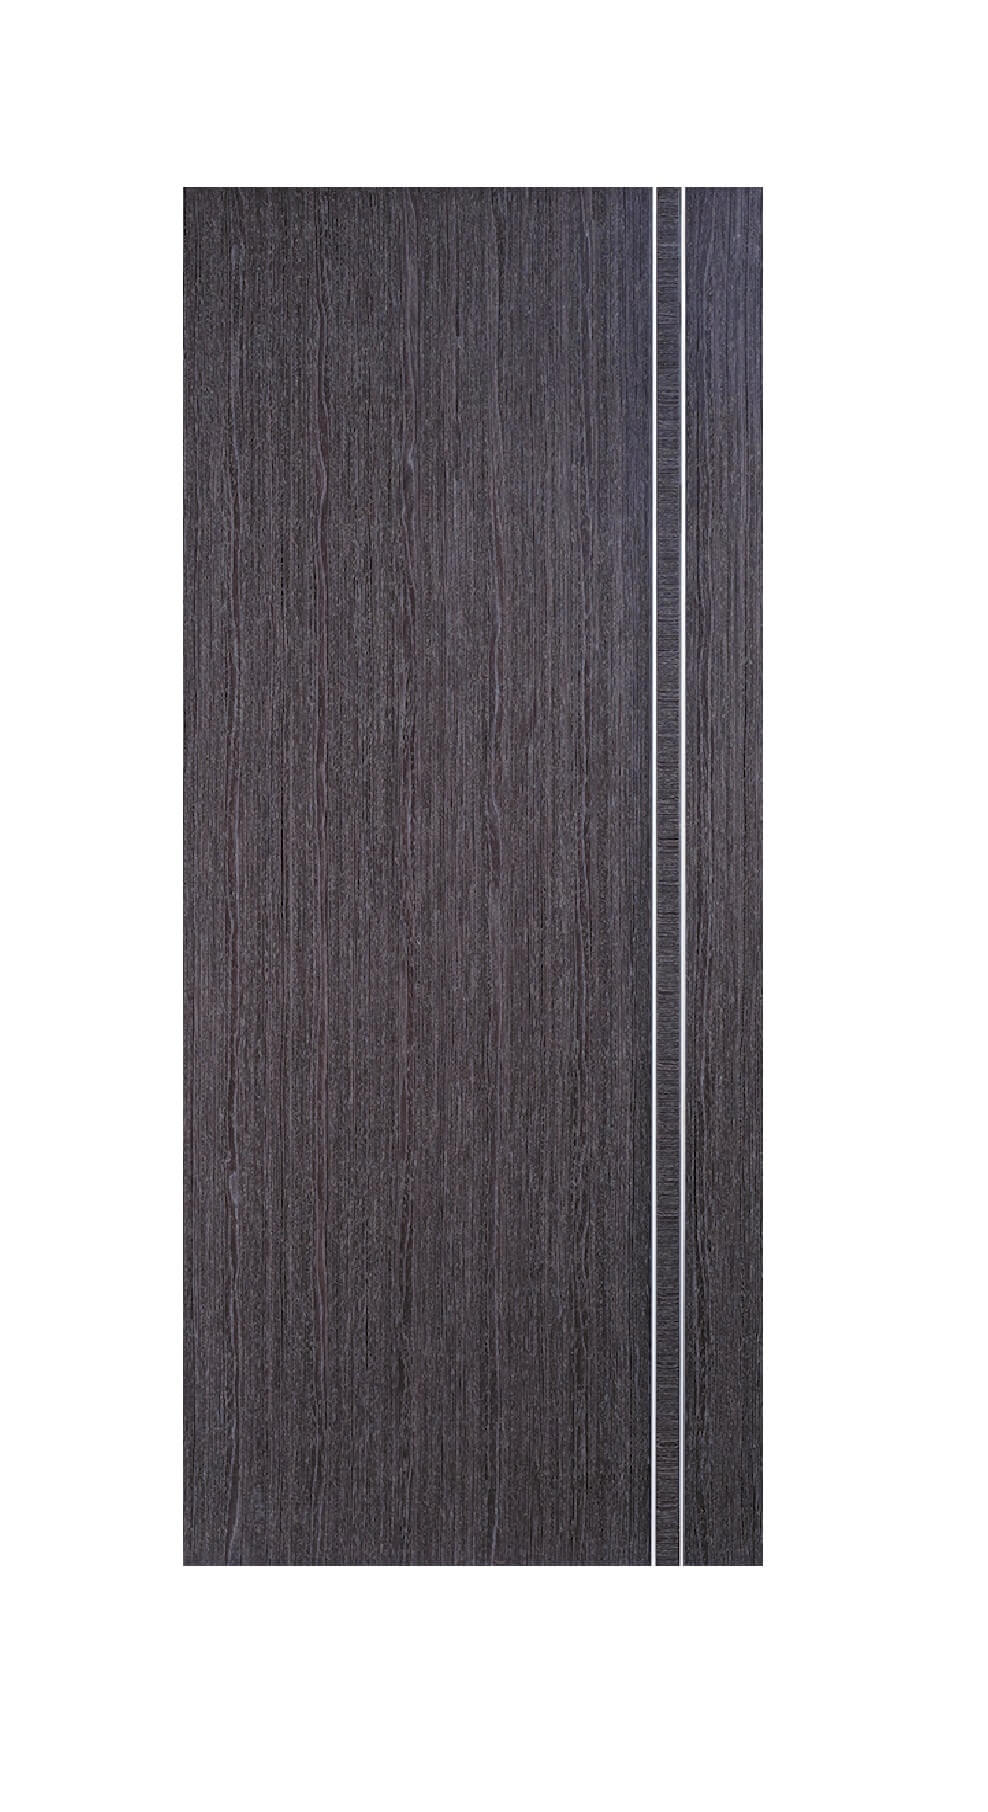 LPD Zanzibar Ash Grey Composite Internal Door